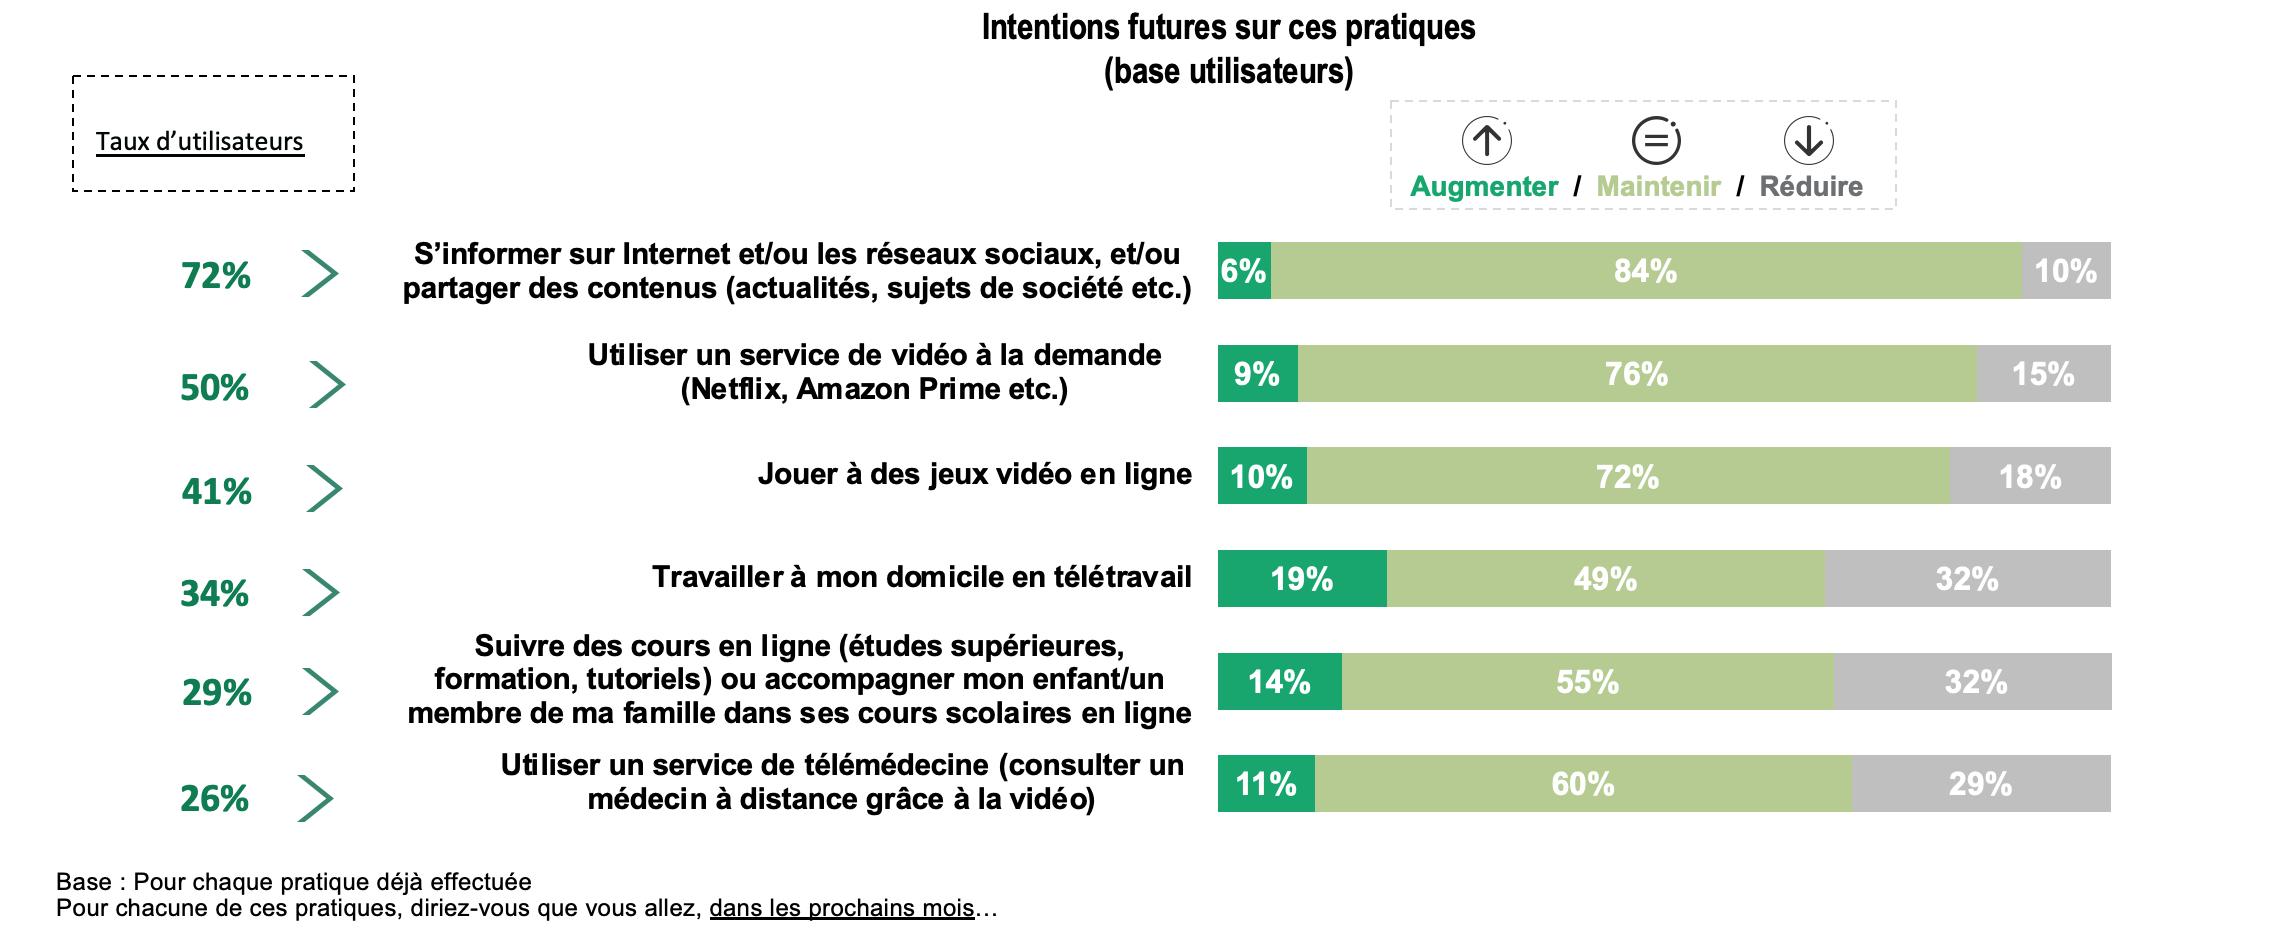 La multiplication des usages digitaux va s'ancrer dans le quotidien des Français de manière durable